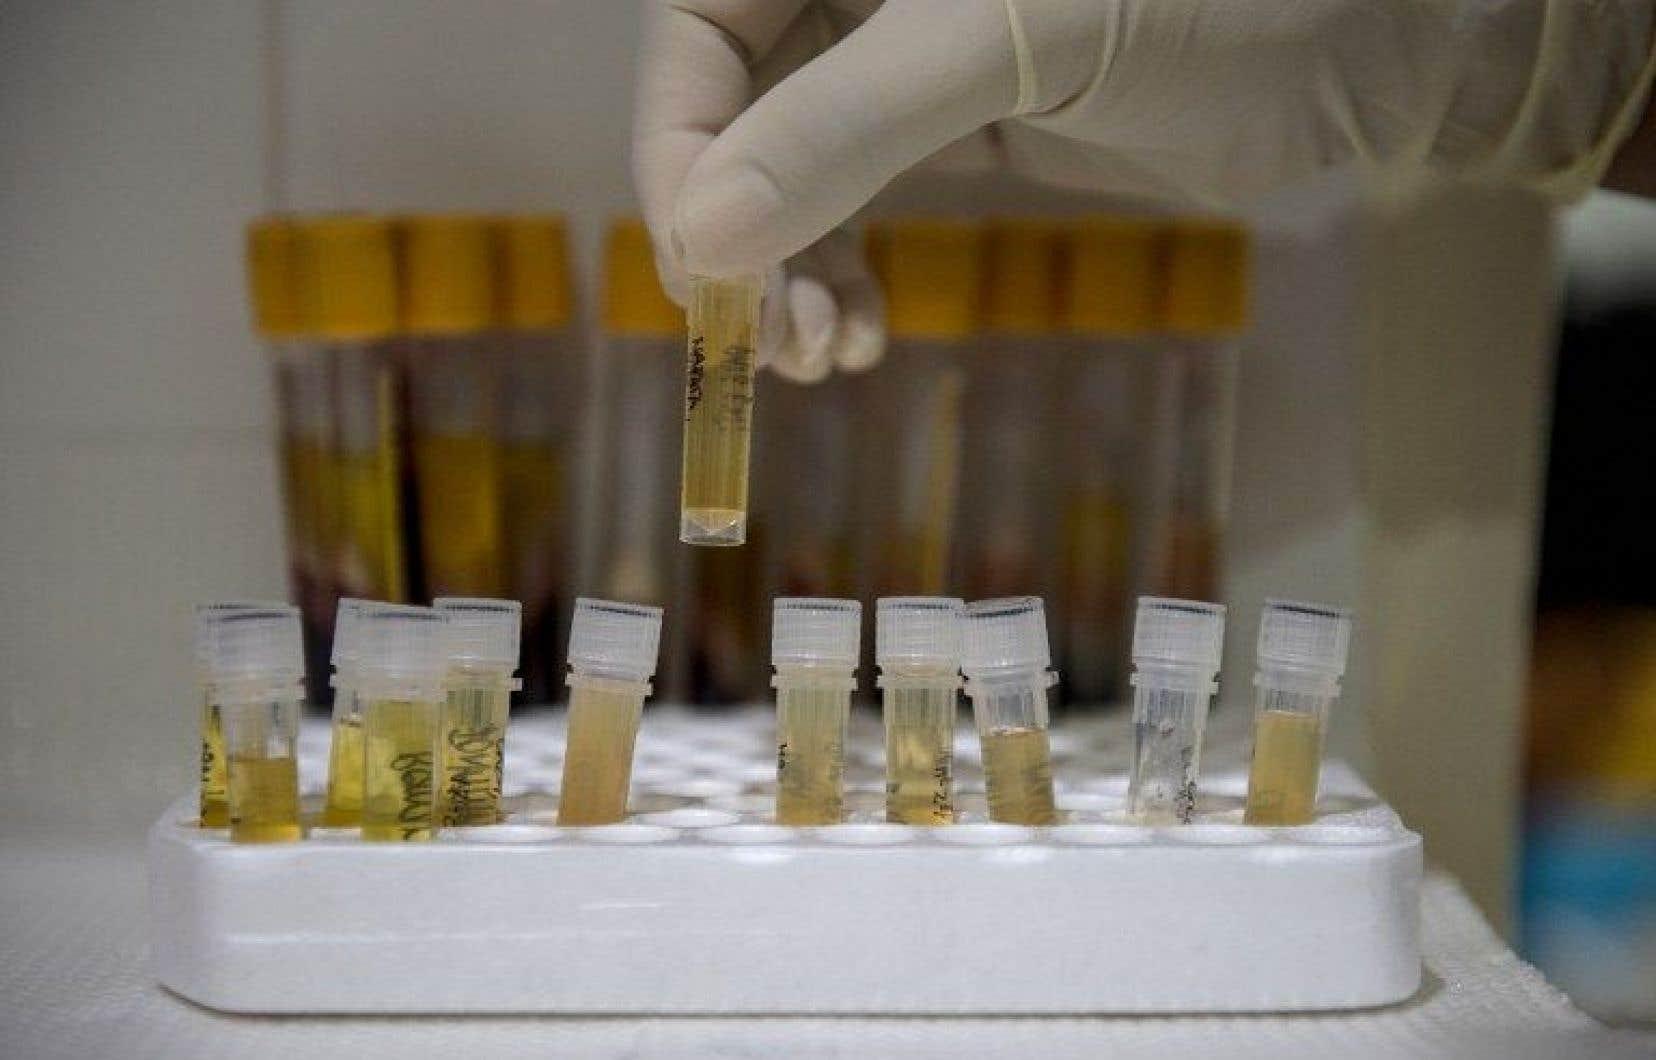 25 nouveaux cas de VIH sont recensés chaque jour aux Philippines.